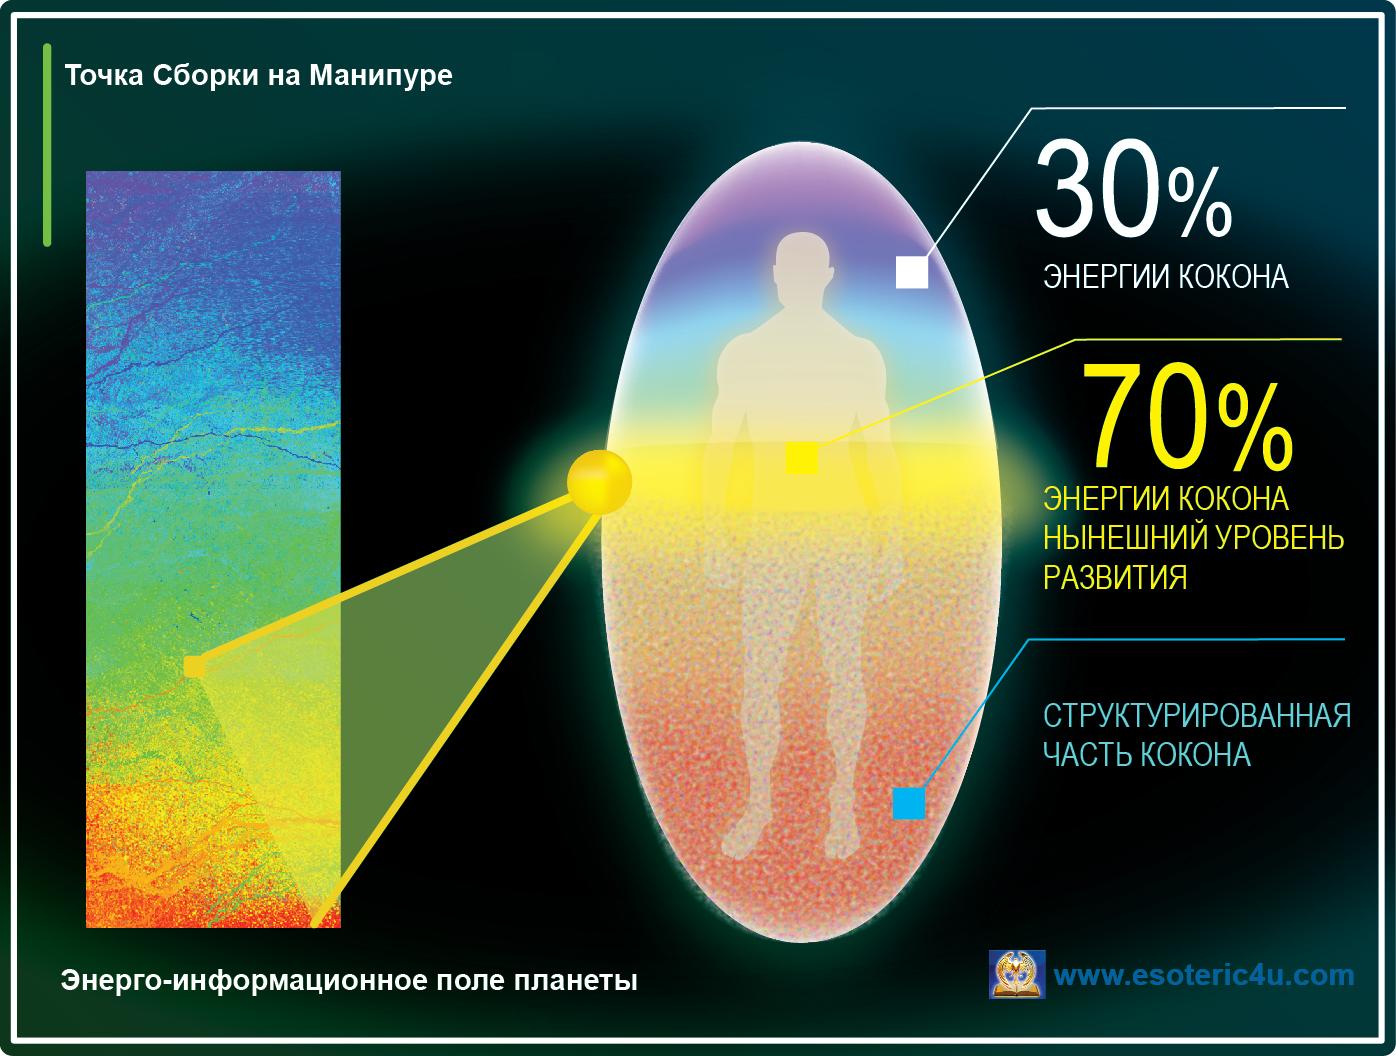 Точка сборки на манипуре, распределение энергии в коконе человека